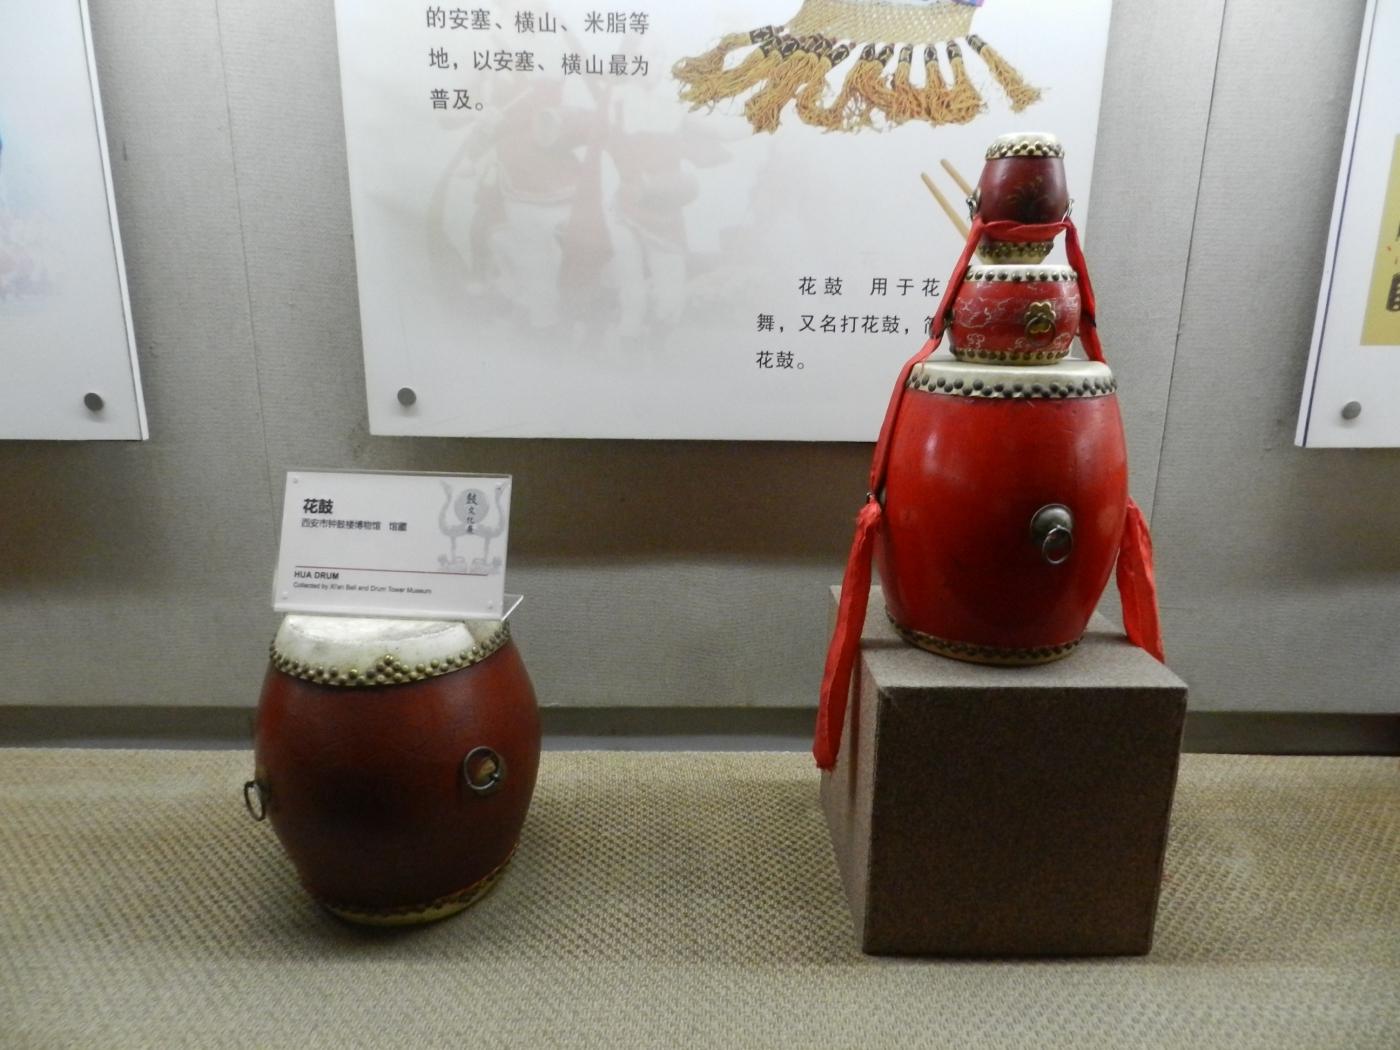 【汉良子】西安鼓楼(图)_图1-20